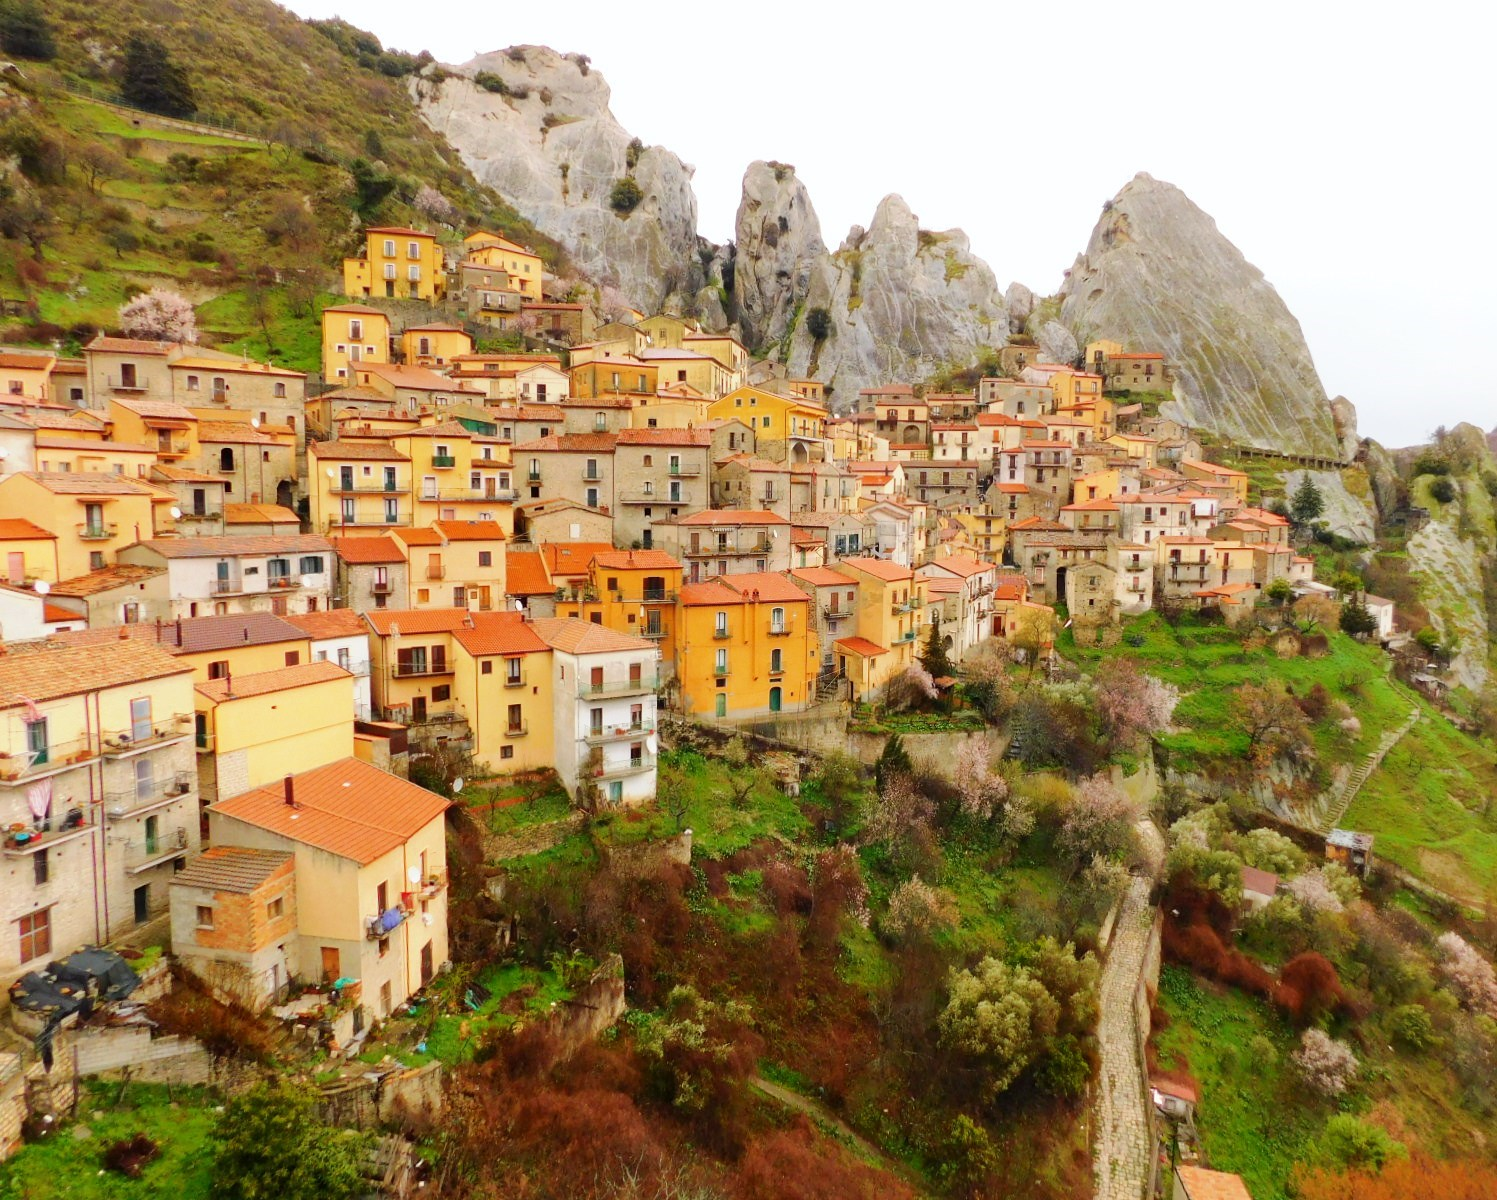 3月7日出発「至福の南イタリア・ハイキング 紺碧の海と断崖、小さな街を巡る旅 9日間」